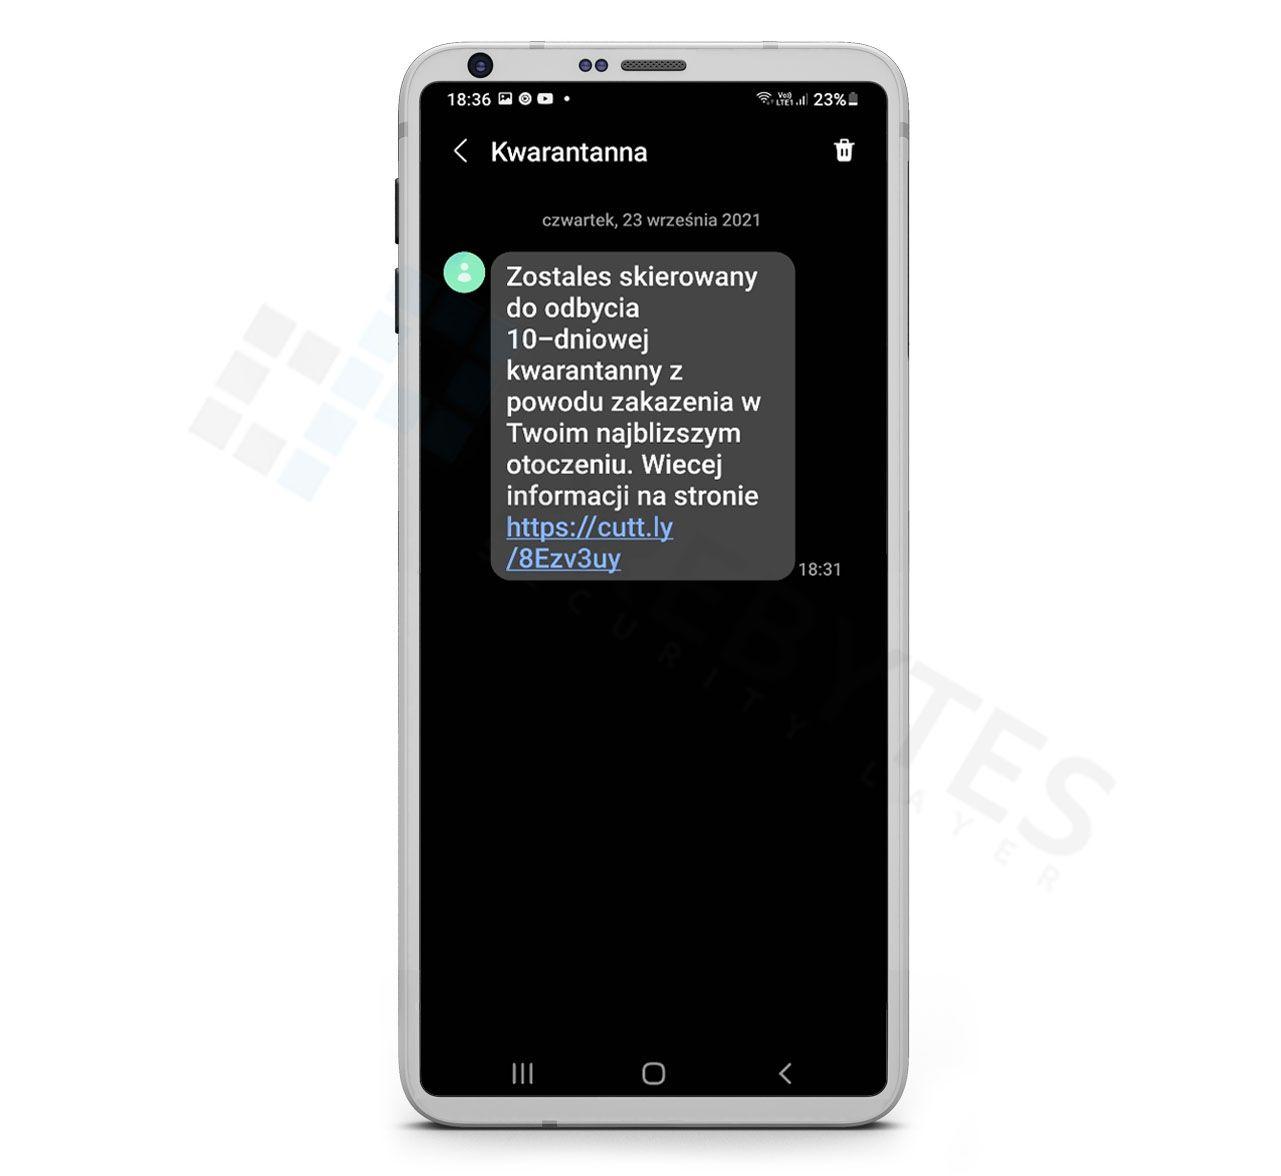 Wiadomość SMS z informacją o kwarantannie